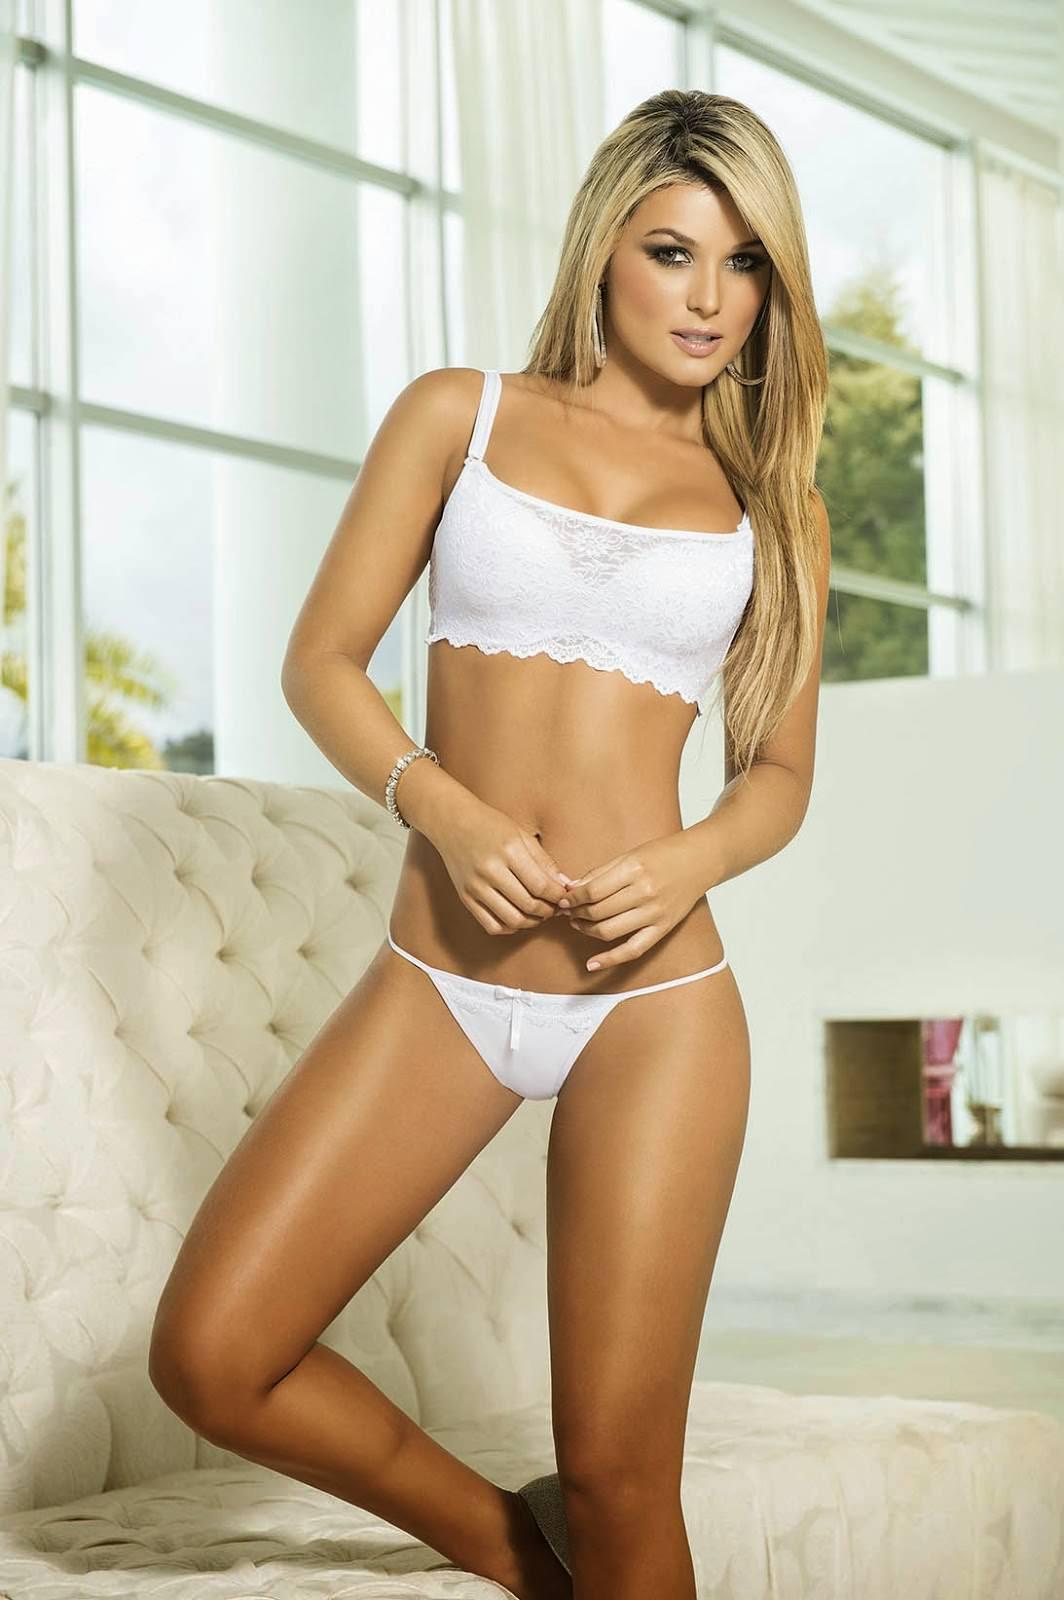 Anita benavides naked